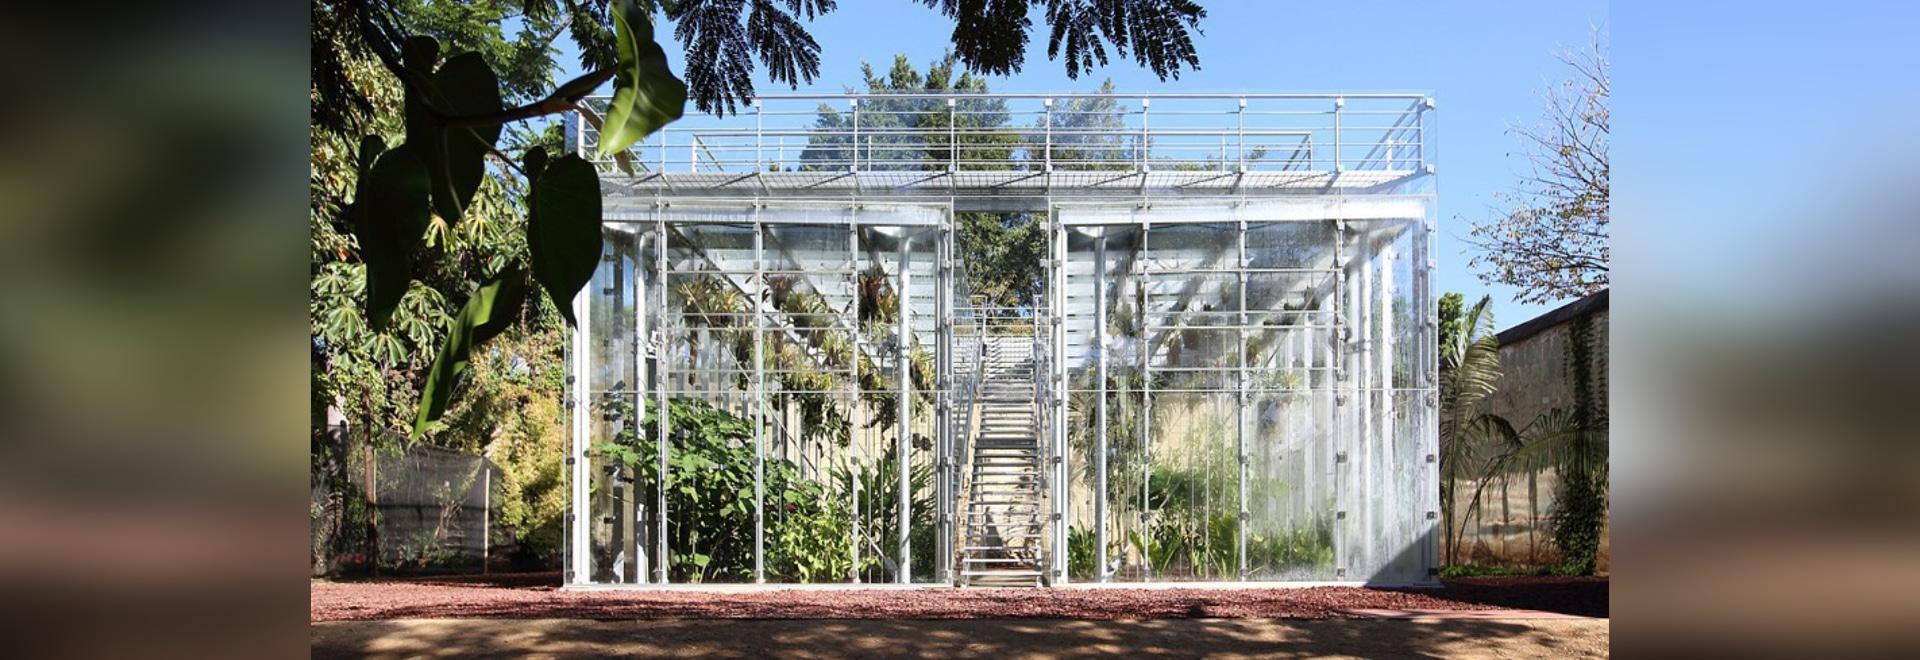 La maison zéro d'orchidée d'énergie est conçue pour instruire au sujet de la biodiversité d'Oaxaca